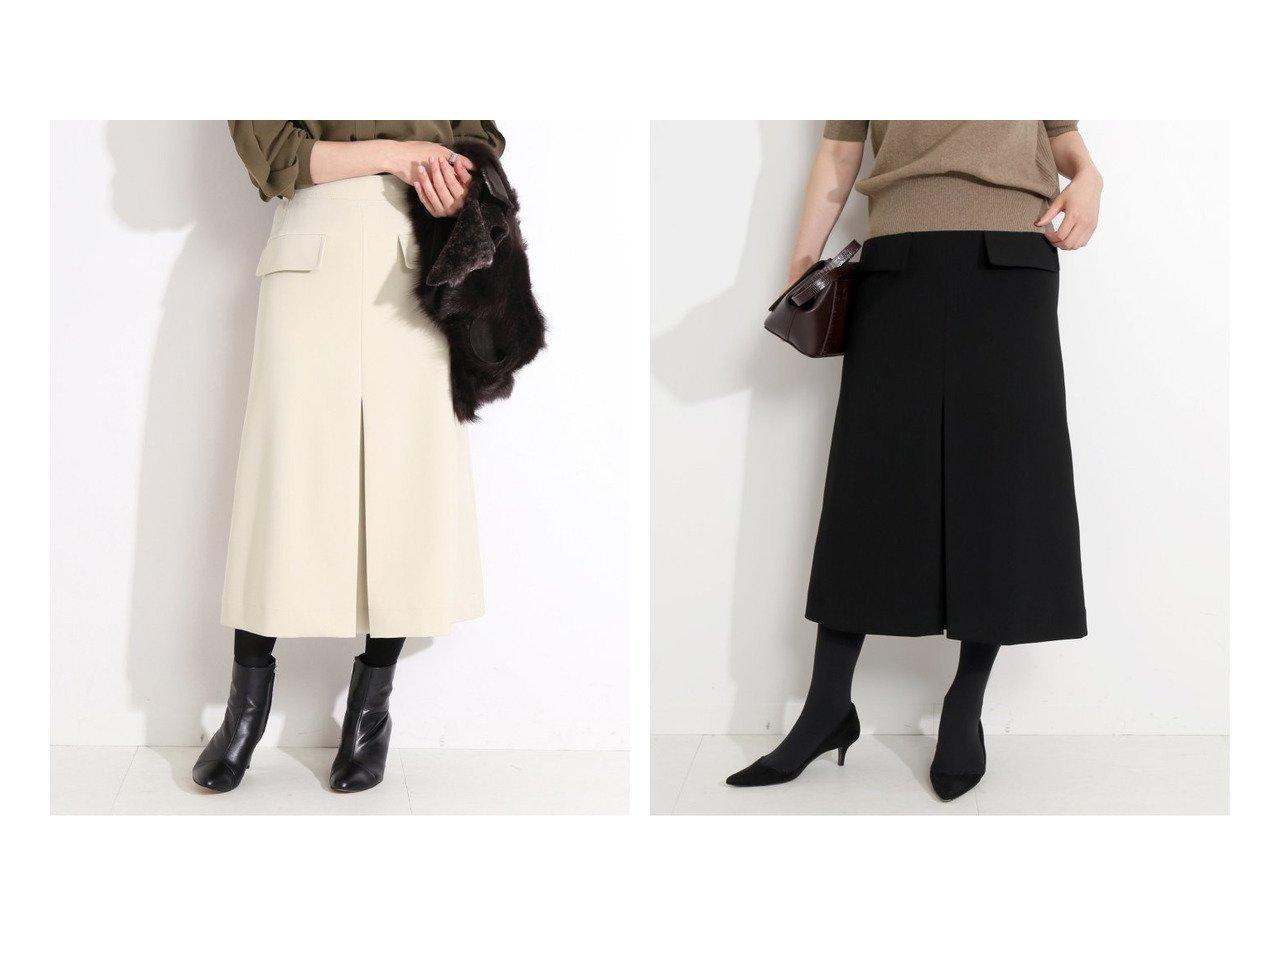 【VERMEIL par iena/ヴェルメイユ パー イエナ】の《追加3》ダブルクロスセミタイトスカート スカートのおすすめ!人気、トレンド・レディースファッションの通販 おすすめで人気の流行・トレンド、ファッションの通販商品 メンズファッション・キッズファッション・インテリア・家具・レディースファッション・服の通販 founy(ファニー) https://founy.com/ ファッション Fashion レディースファッション WOMEN スカート Skirt Aライン/フレアスカート Flared A-Line Skirts サンダル ショート ストレッチ センター 台形 フラップ フロント プリーツ ベーシック ボックス ポケット 2021年 2021 再入荷 Restock/Back in Stock/Re Arrival S/S 春夏 SS Spring/Summer 2021 春夏 S/S SS Spring/Summer 2021 おすすめ Recommend  ID:crp329100000023292